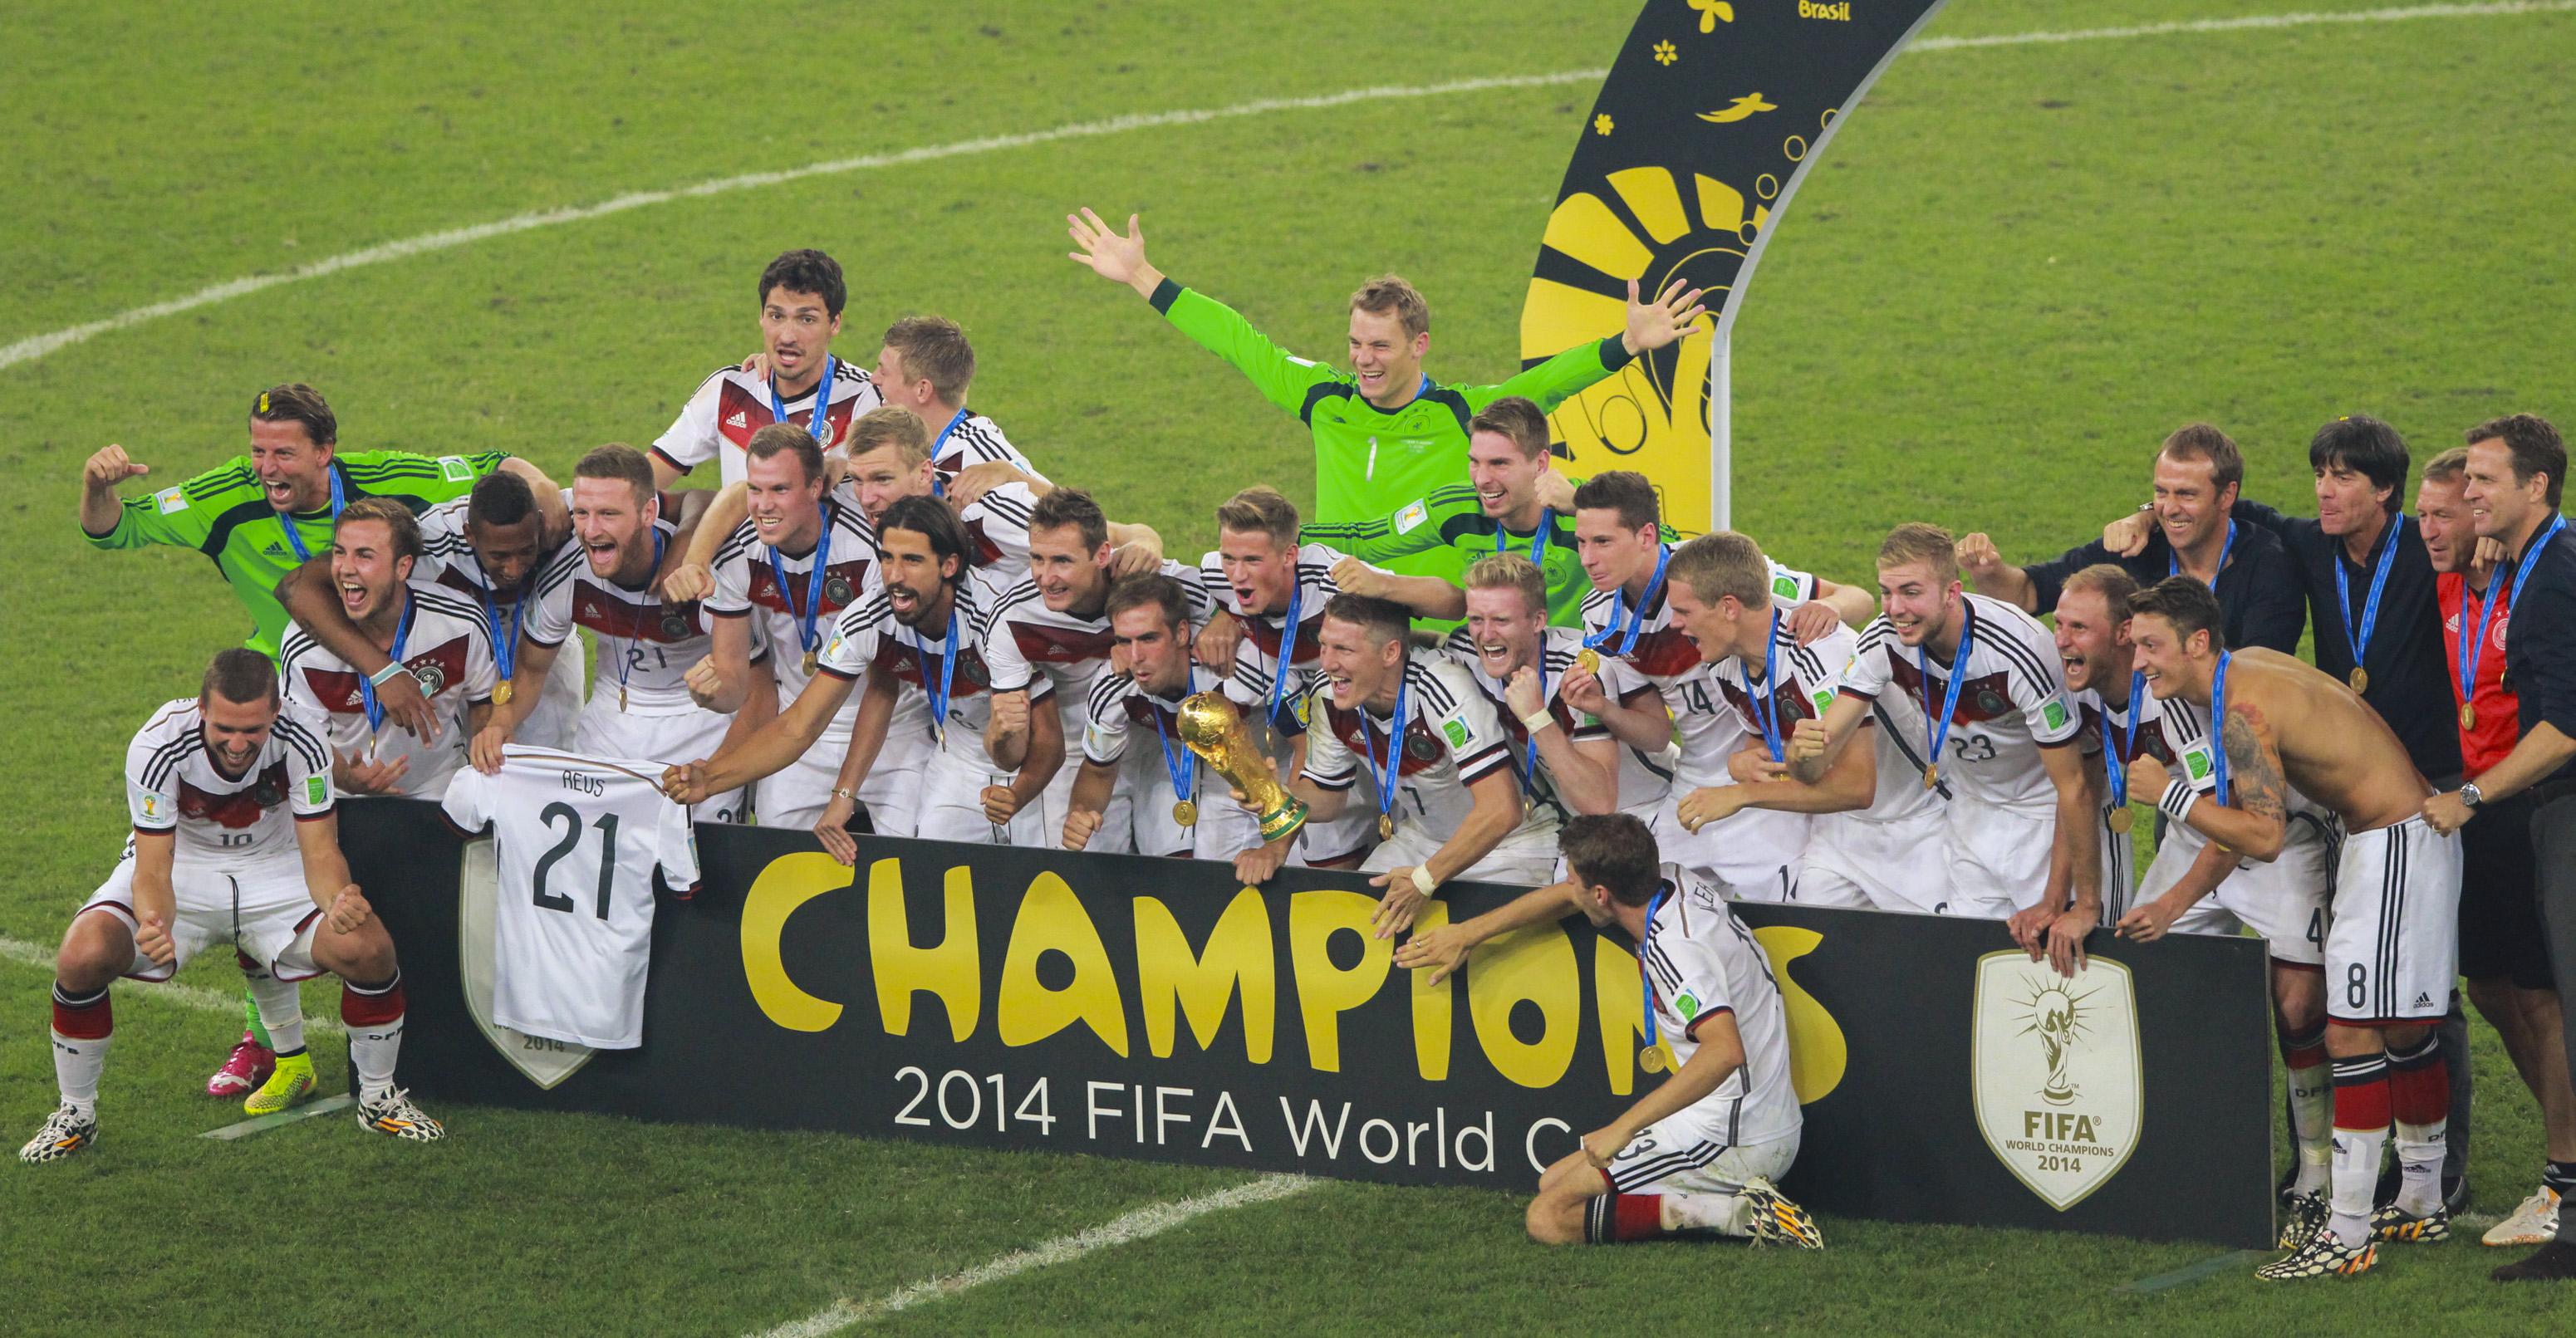 Die deutsche Fußballnationalmannschaft nach ihrem Sieg im Endspiel bei der WM 2014 in Brasilien, der den vierten Weltmeistertitel nach 1954, '74 und '90 bedeutete. Fußball ist der populärste Zuschauer- und Vereinssport in Deutschland.